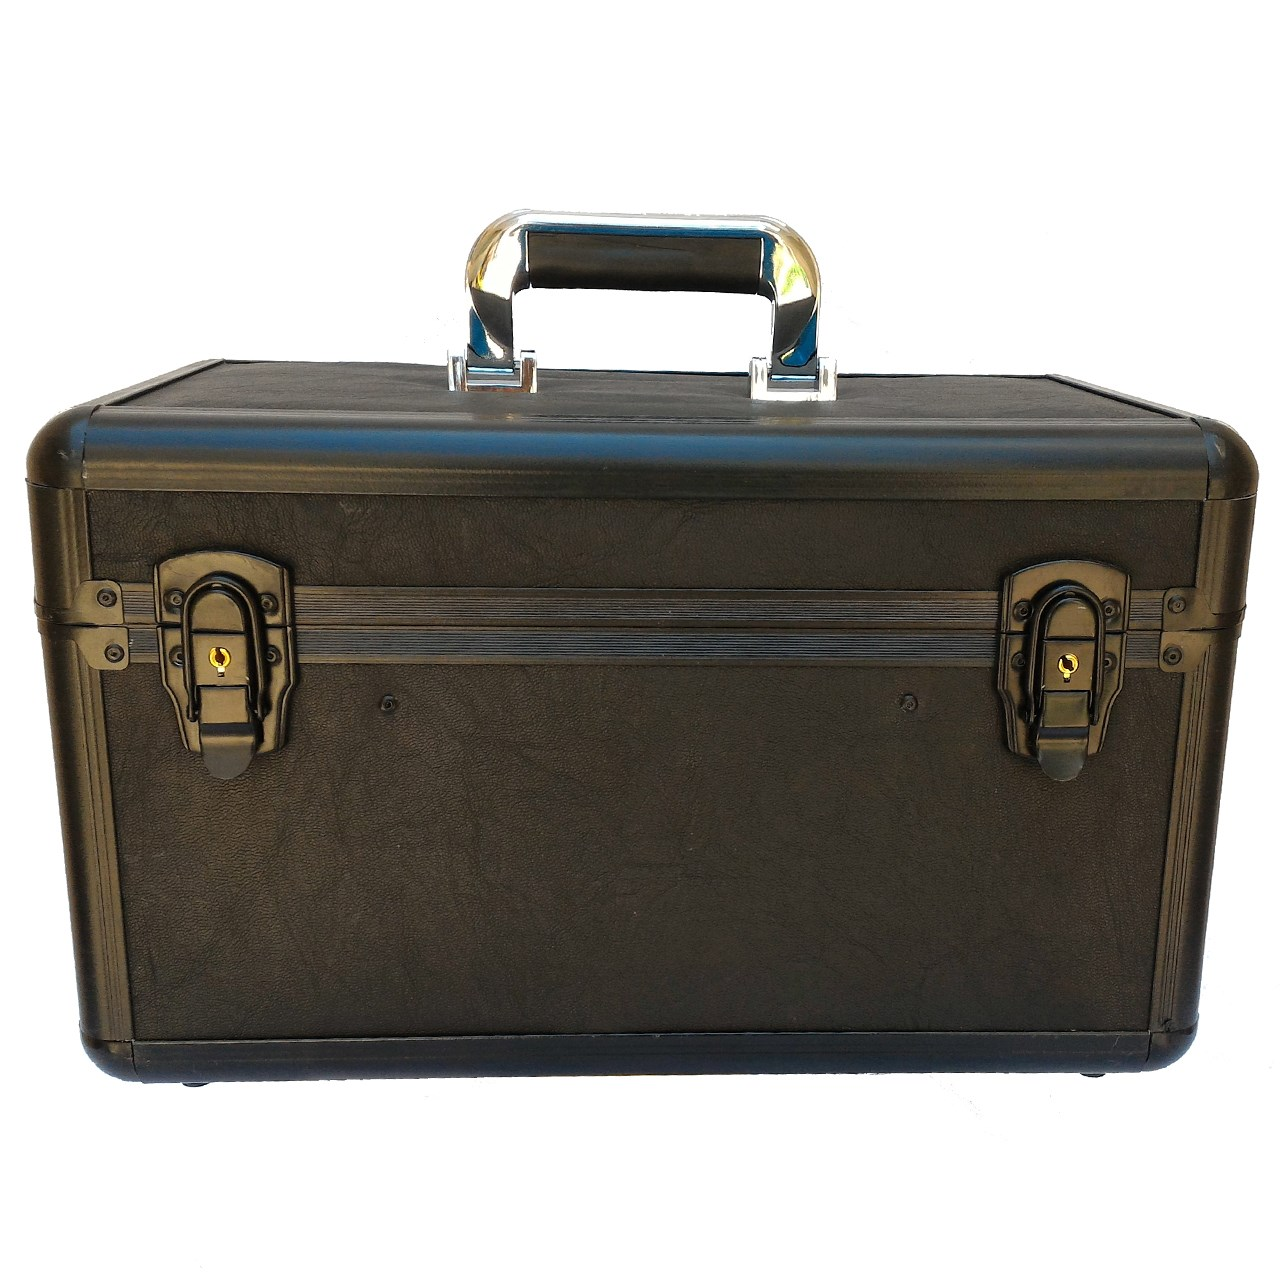 قیمت کیف لوازم آرایش طرح چرمی مدل 122